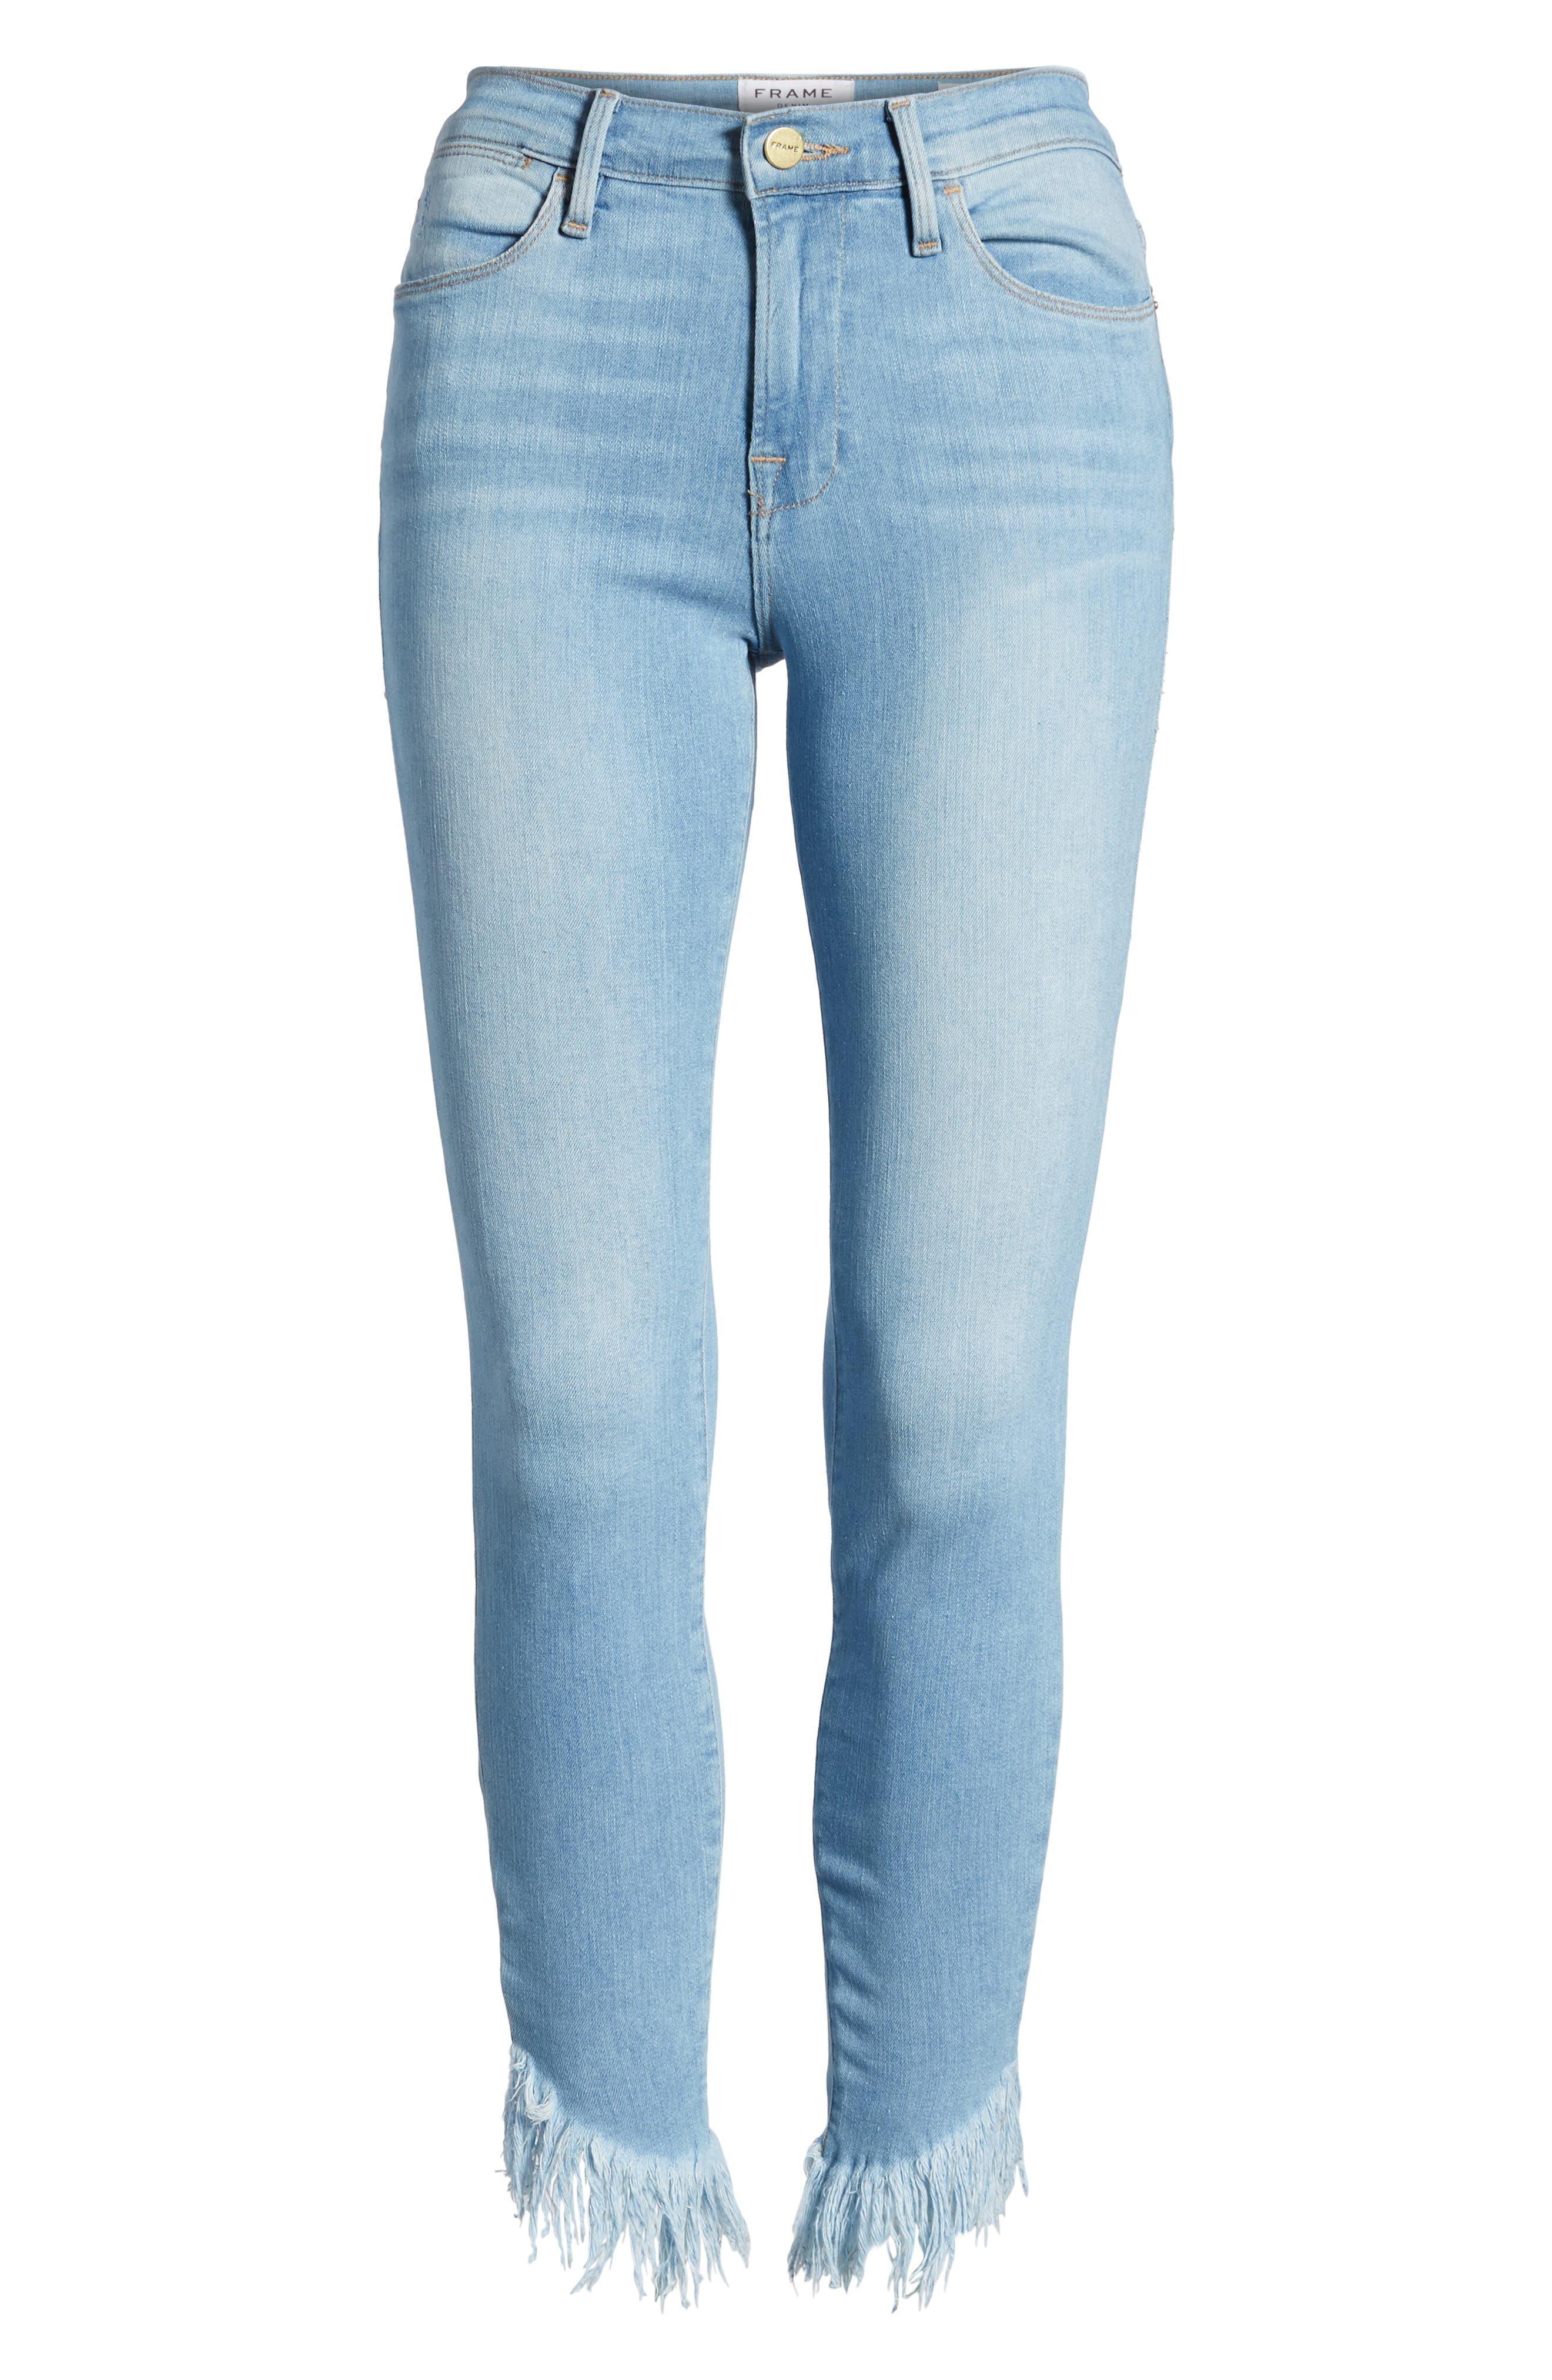 Le High Shredded Hem Skinny Jeans,                             Alternate thumbnail 7, color,                             Eling